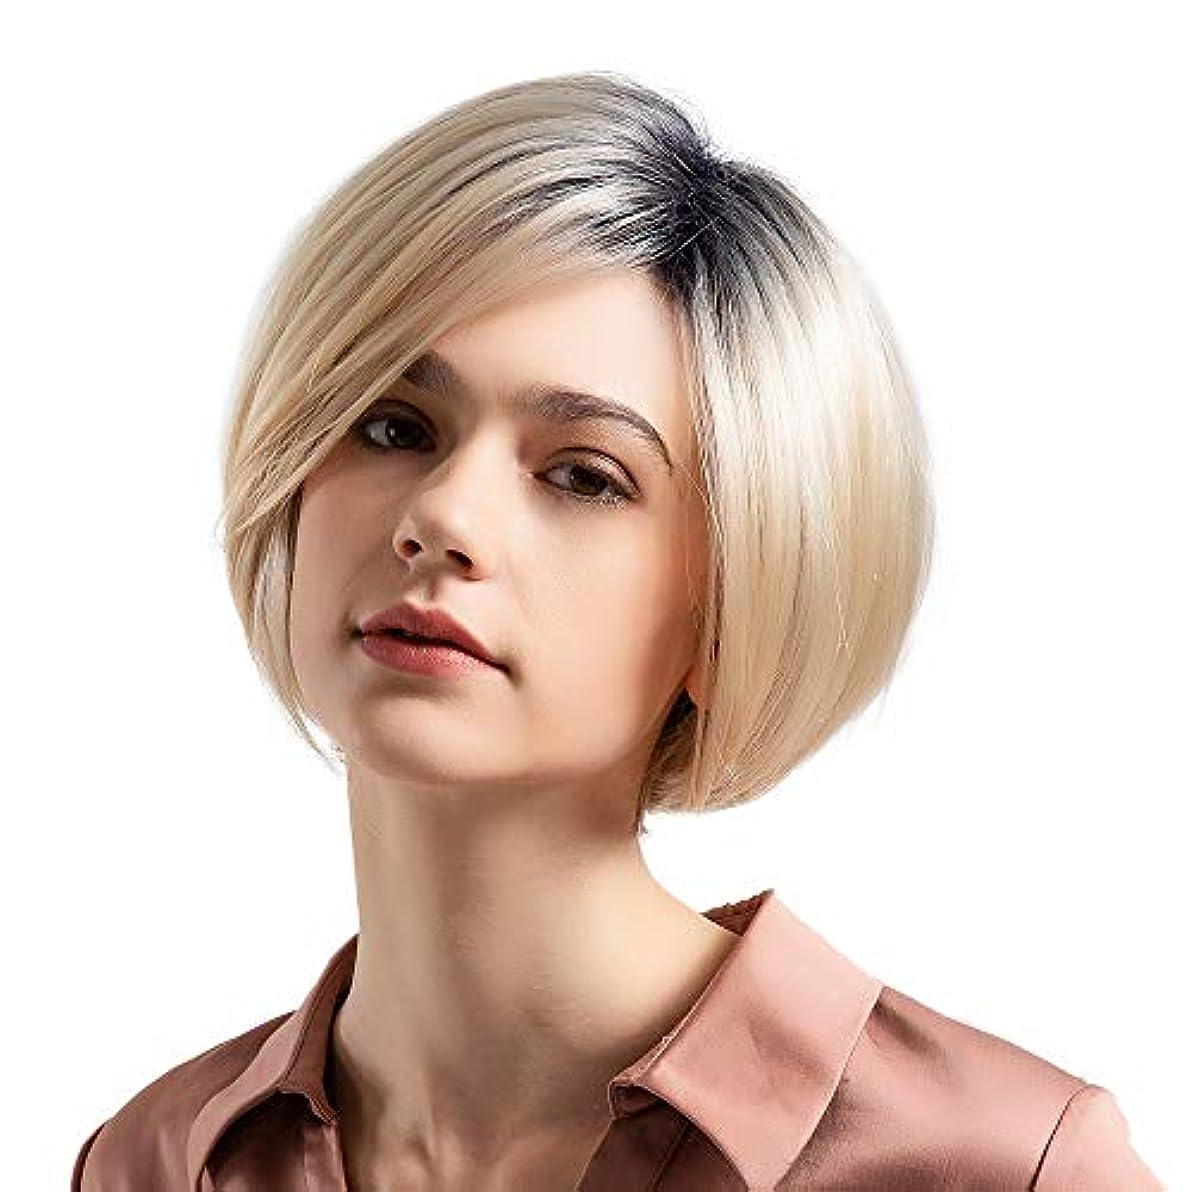 ラショナル学習症状ウィッグショートボブストレートヘア50%リアルヘアウィッグ女性のファッショングラデーションウィッグ